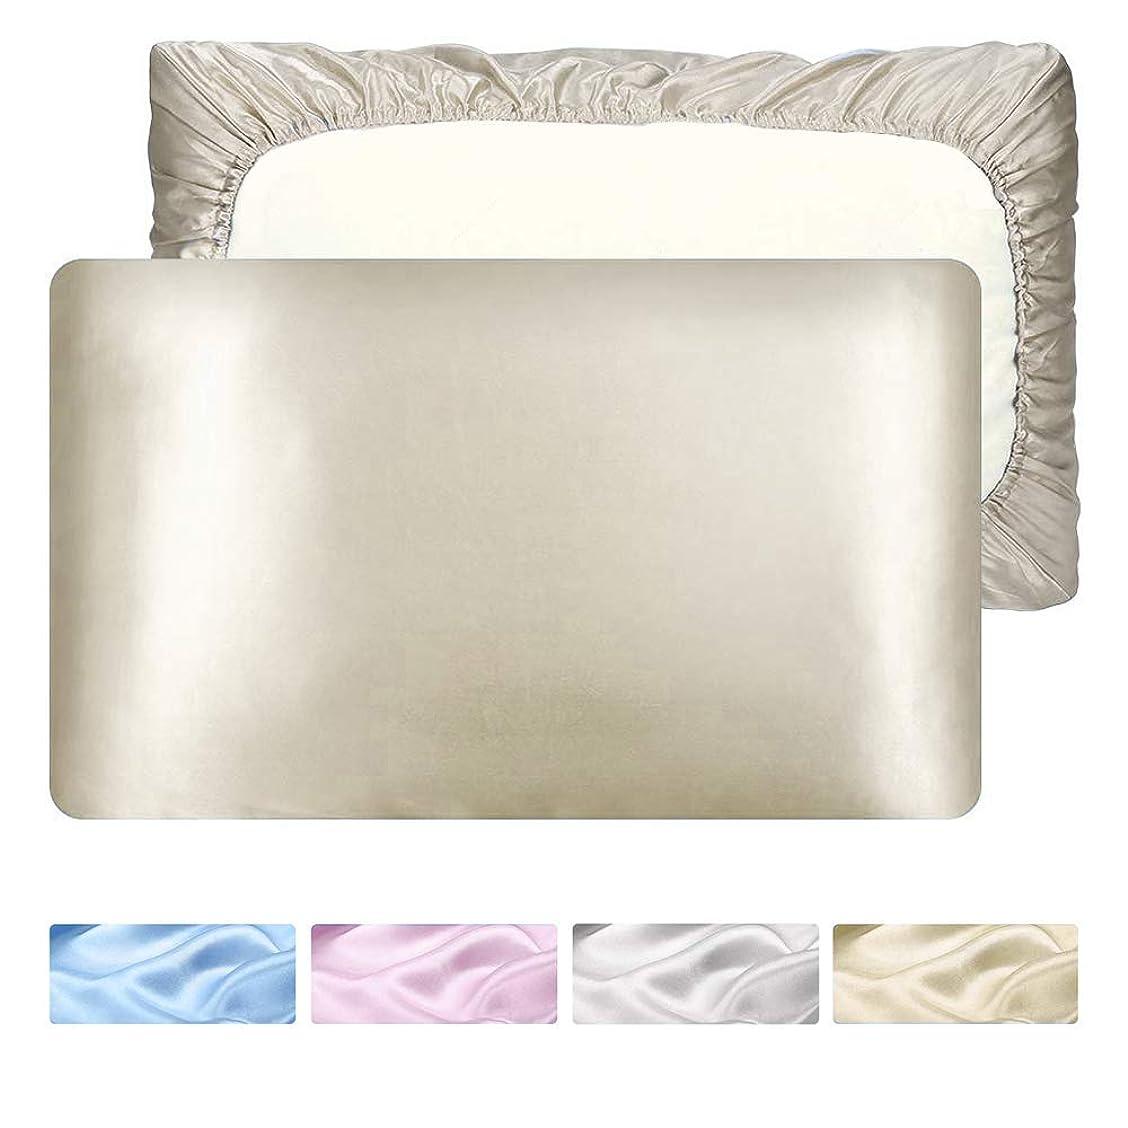 韓国万歳たくさんのSFxOSA 枕カバー サテン織り 高密度生地 人工シルク 美肌 美髪 保湿 まくらカバー 滑らかな材質 あらゆる形状の枕に適しています (ゴールド, 43x63cm)